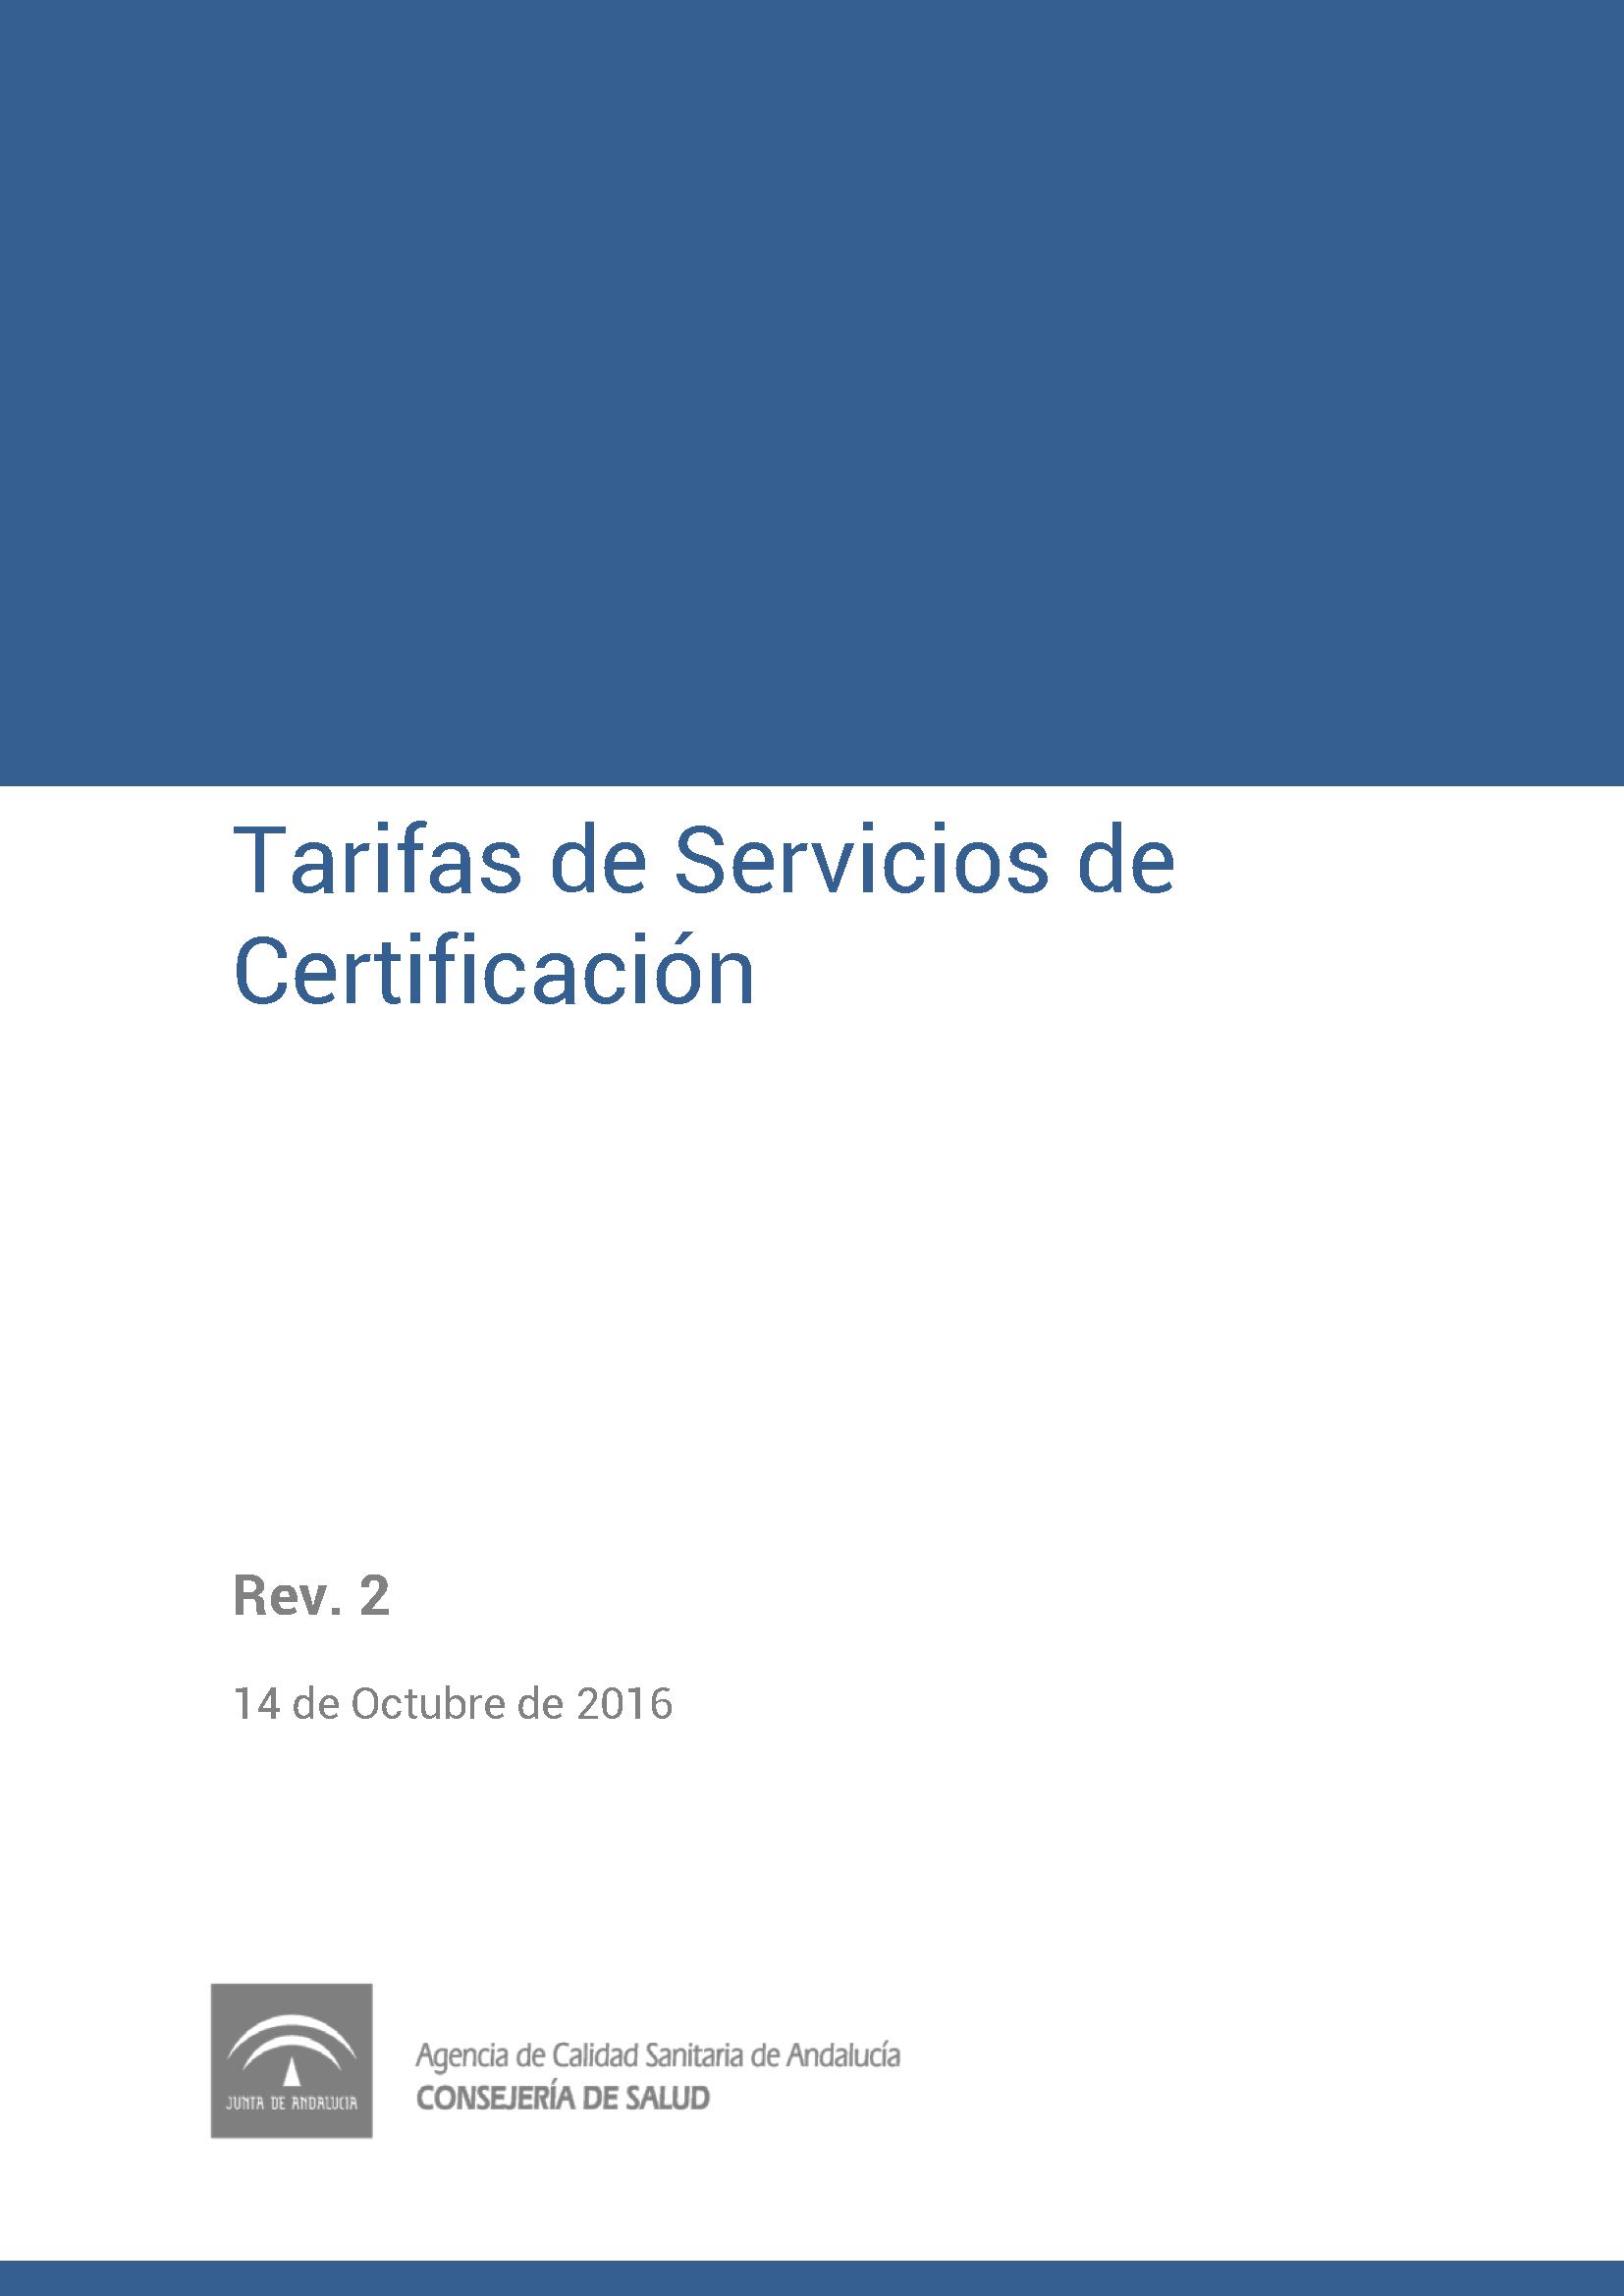 Tarifas de certificación